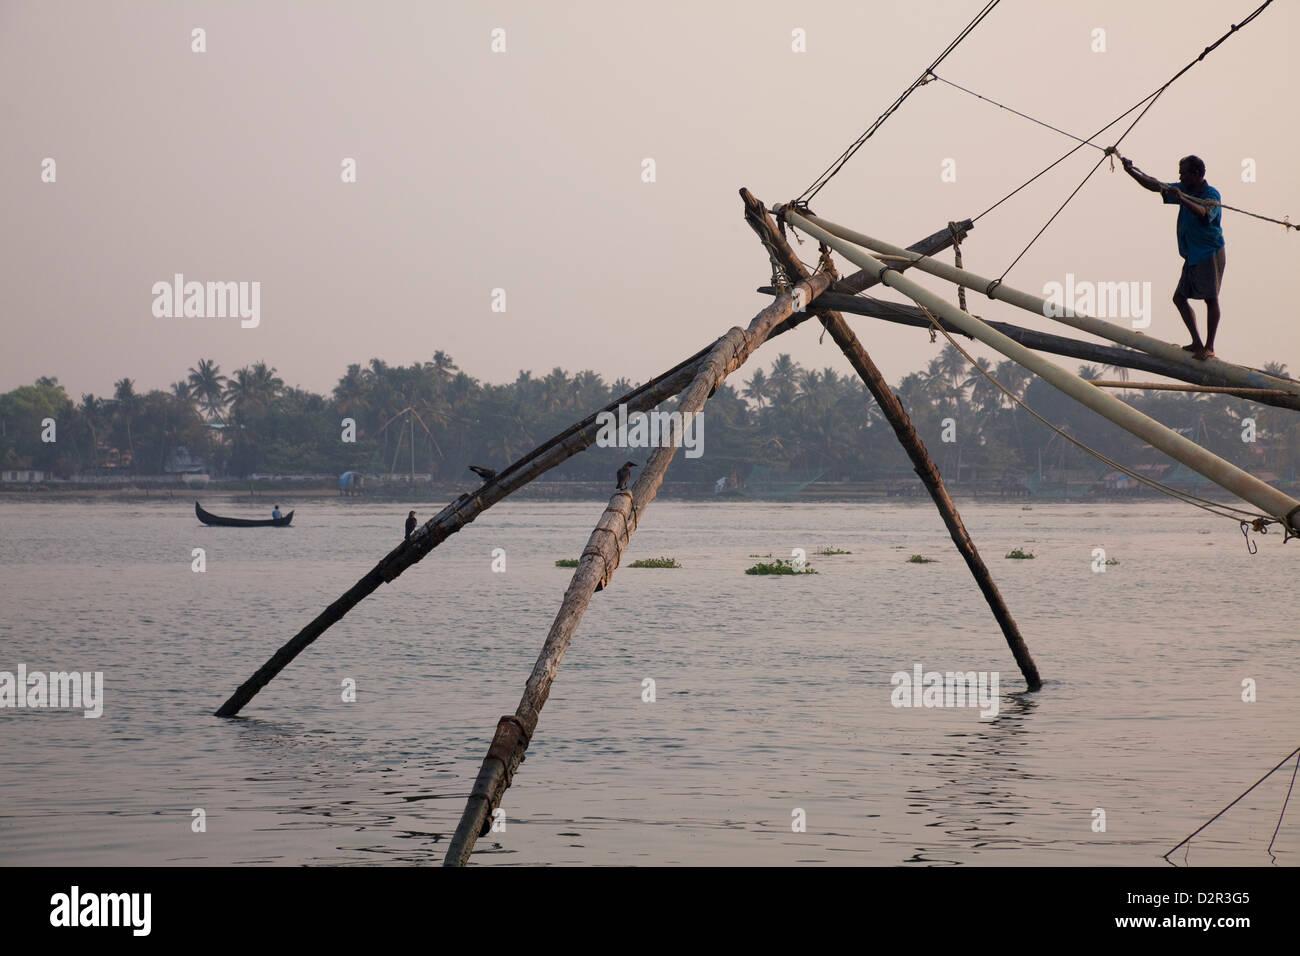 Fischer am chinesischen Fischernetz an der Uferpromenade in Kochi (Cochin), Kerala, Indien, Asien Stockbild